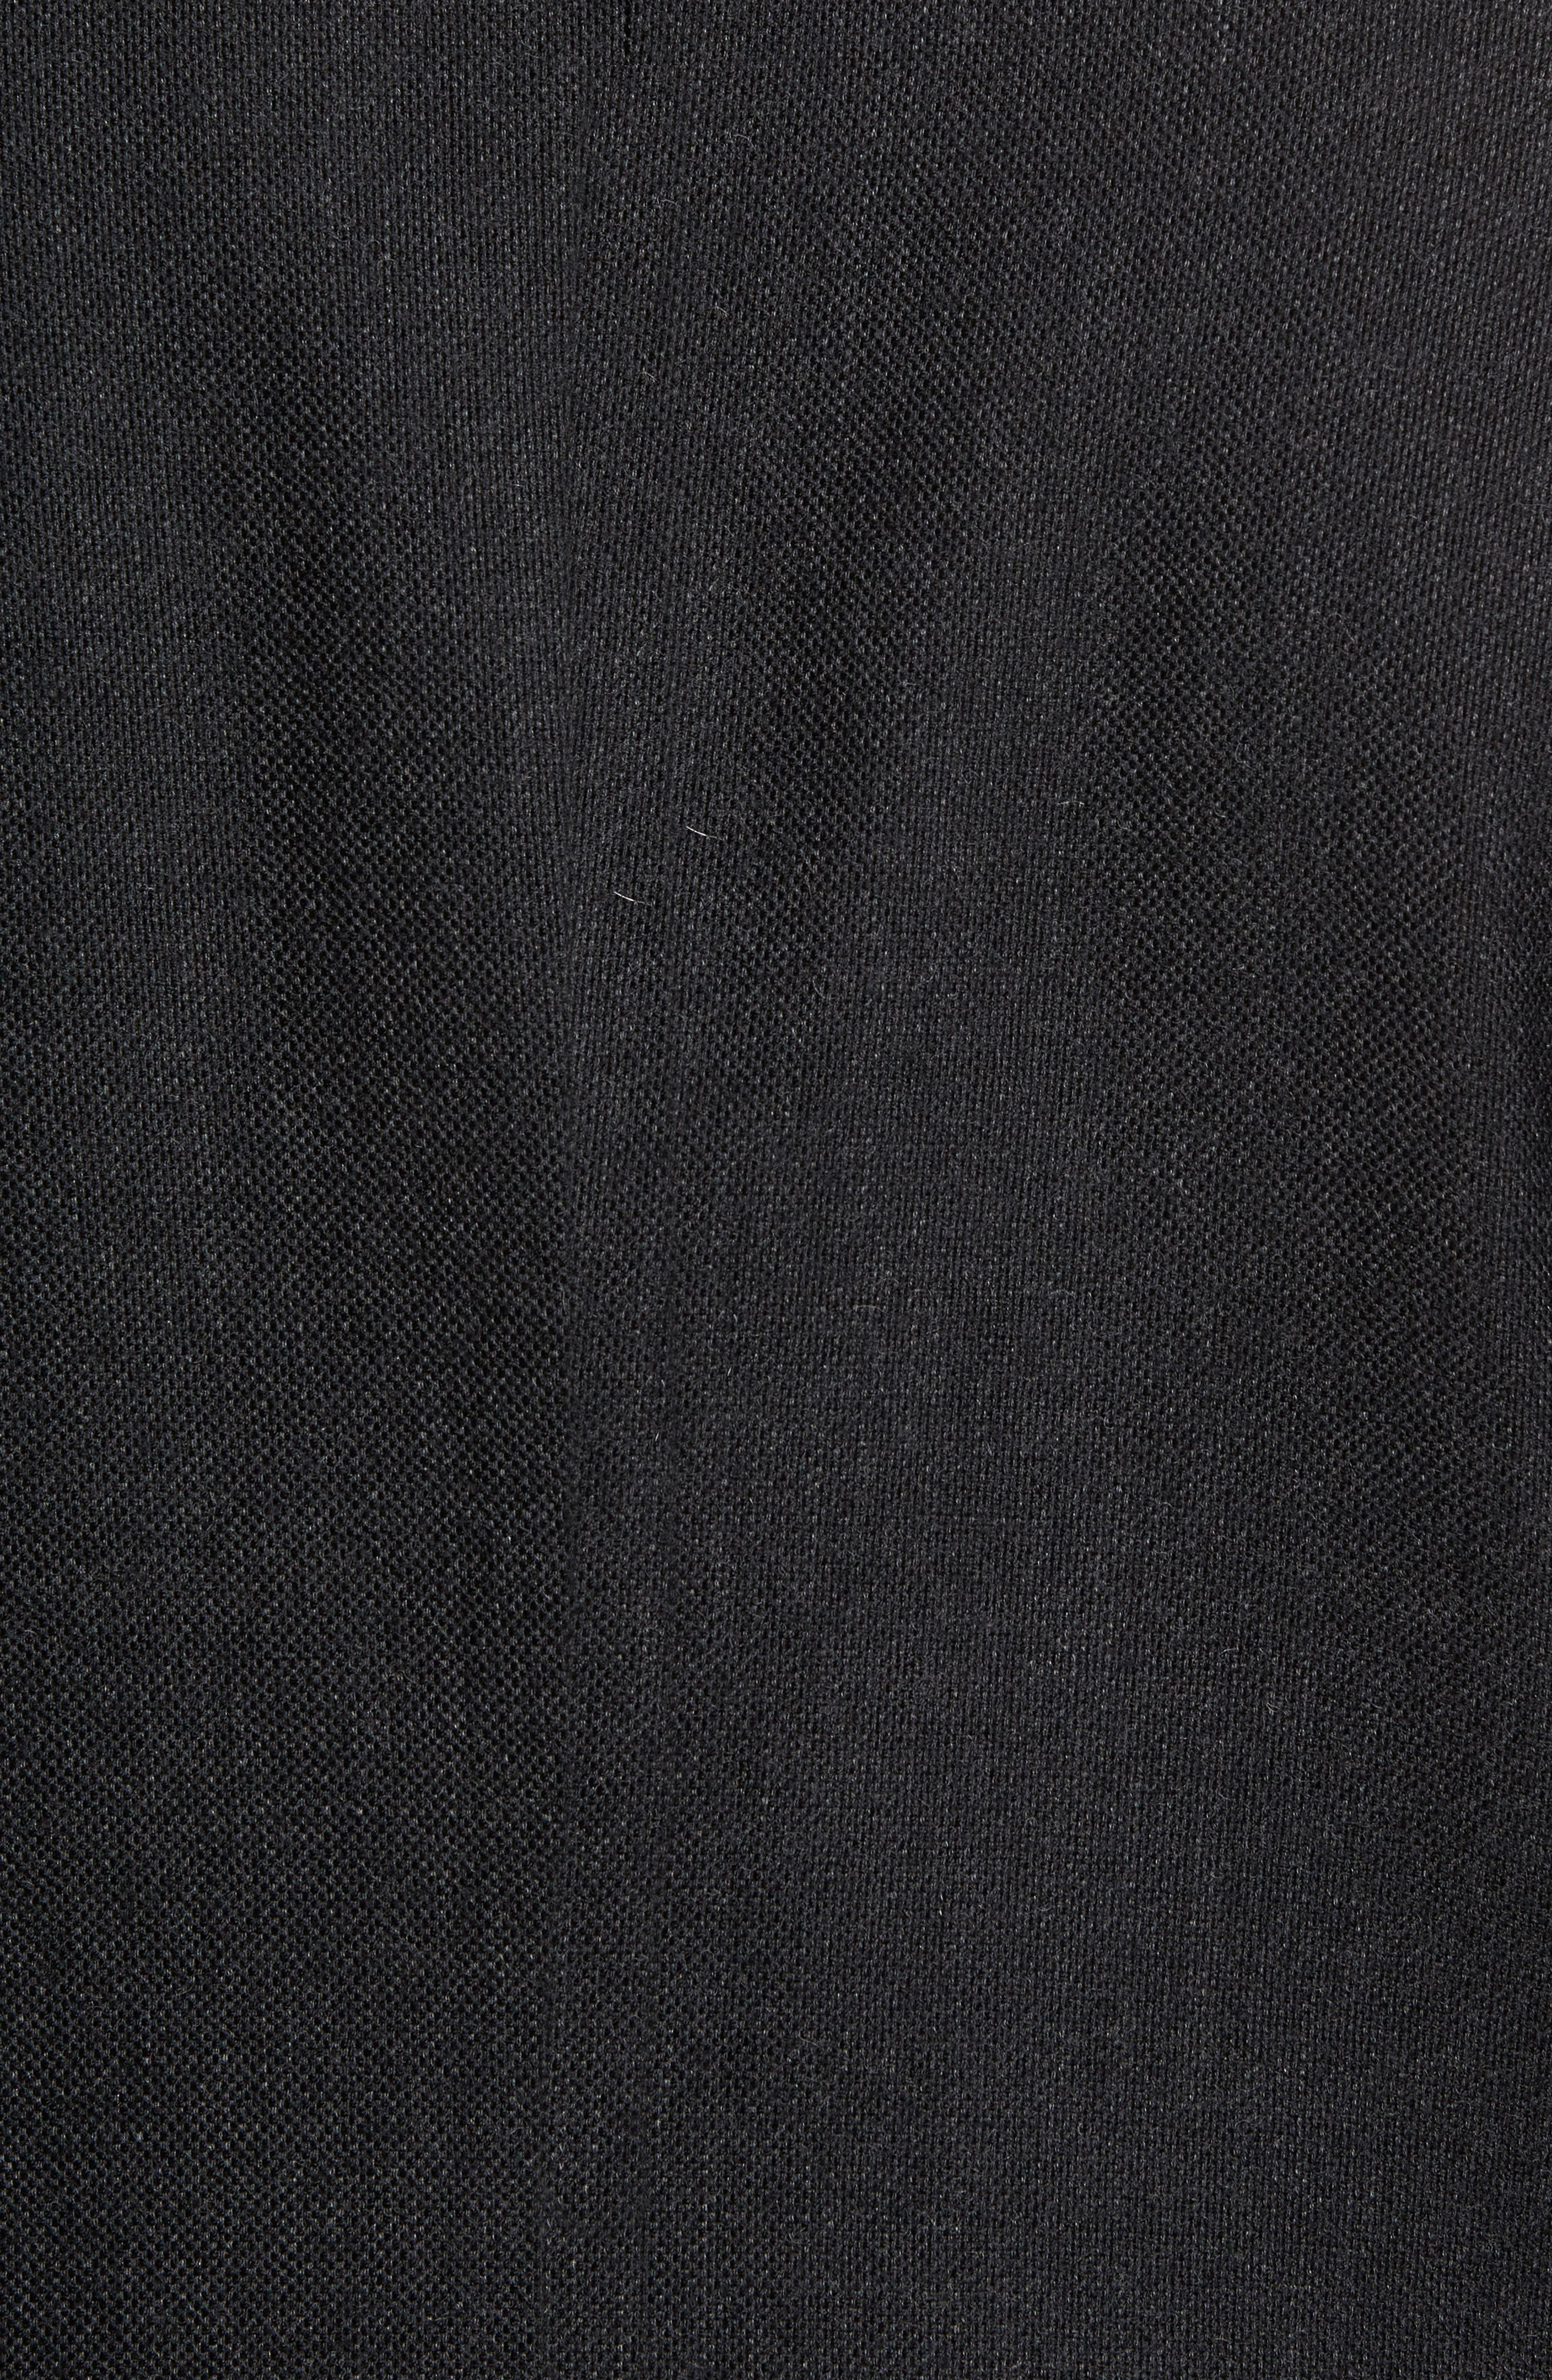 Slingsby Virgin Wool Sport Coat,                             Alternate thumbnail 5, color,                             021